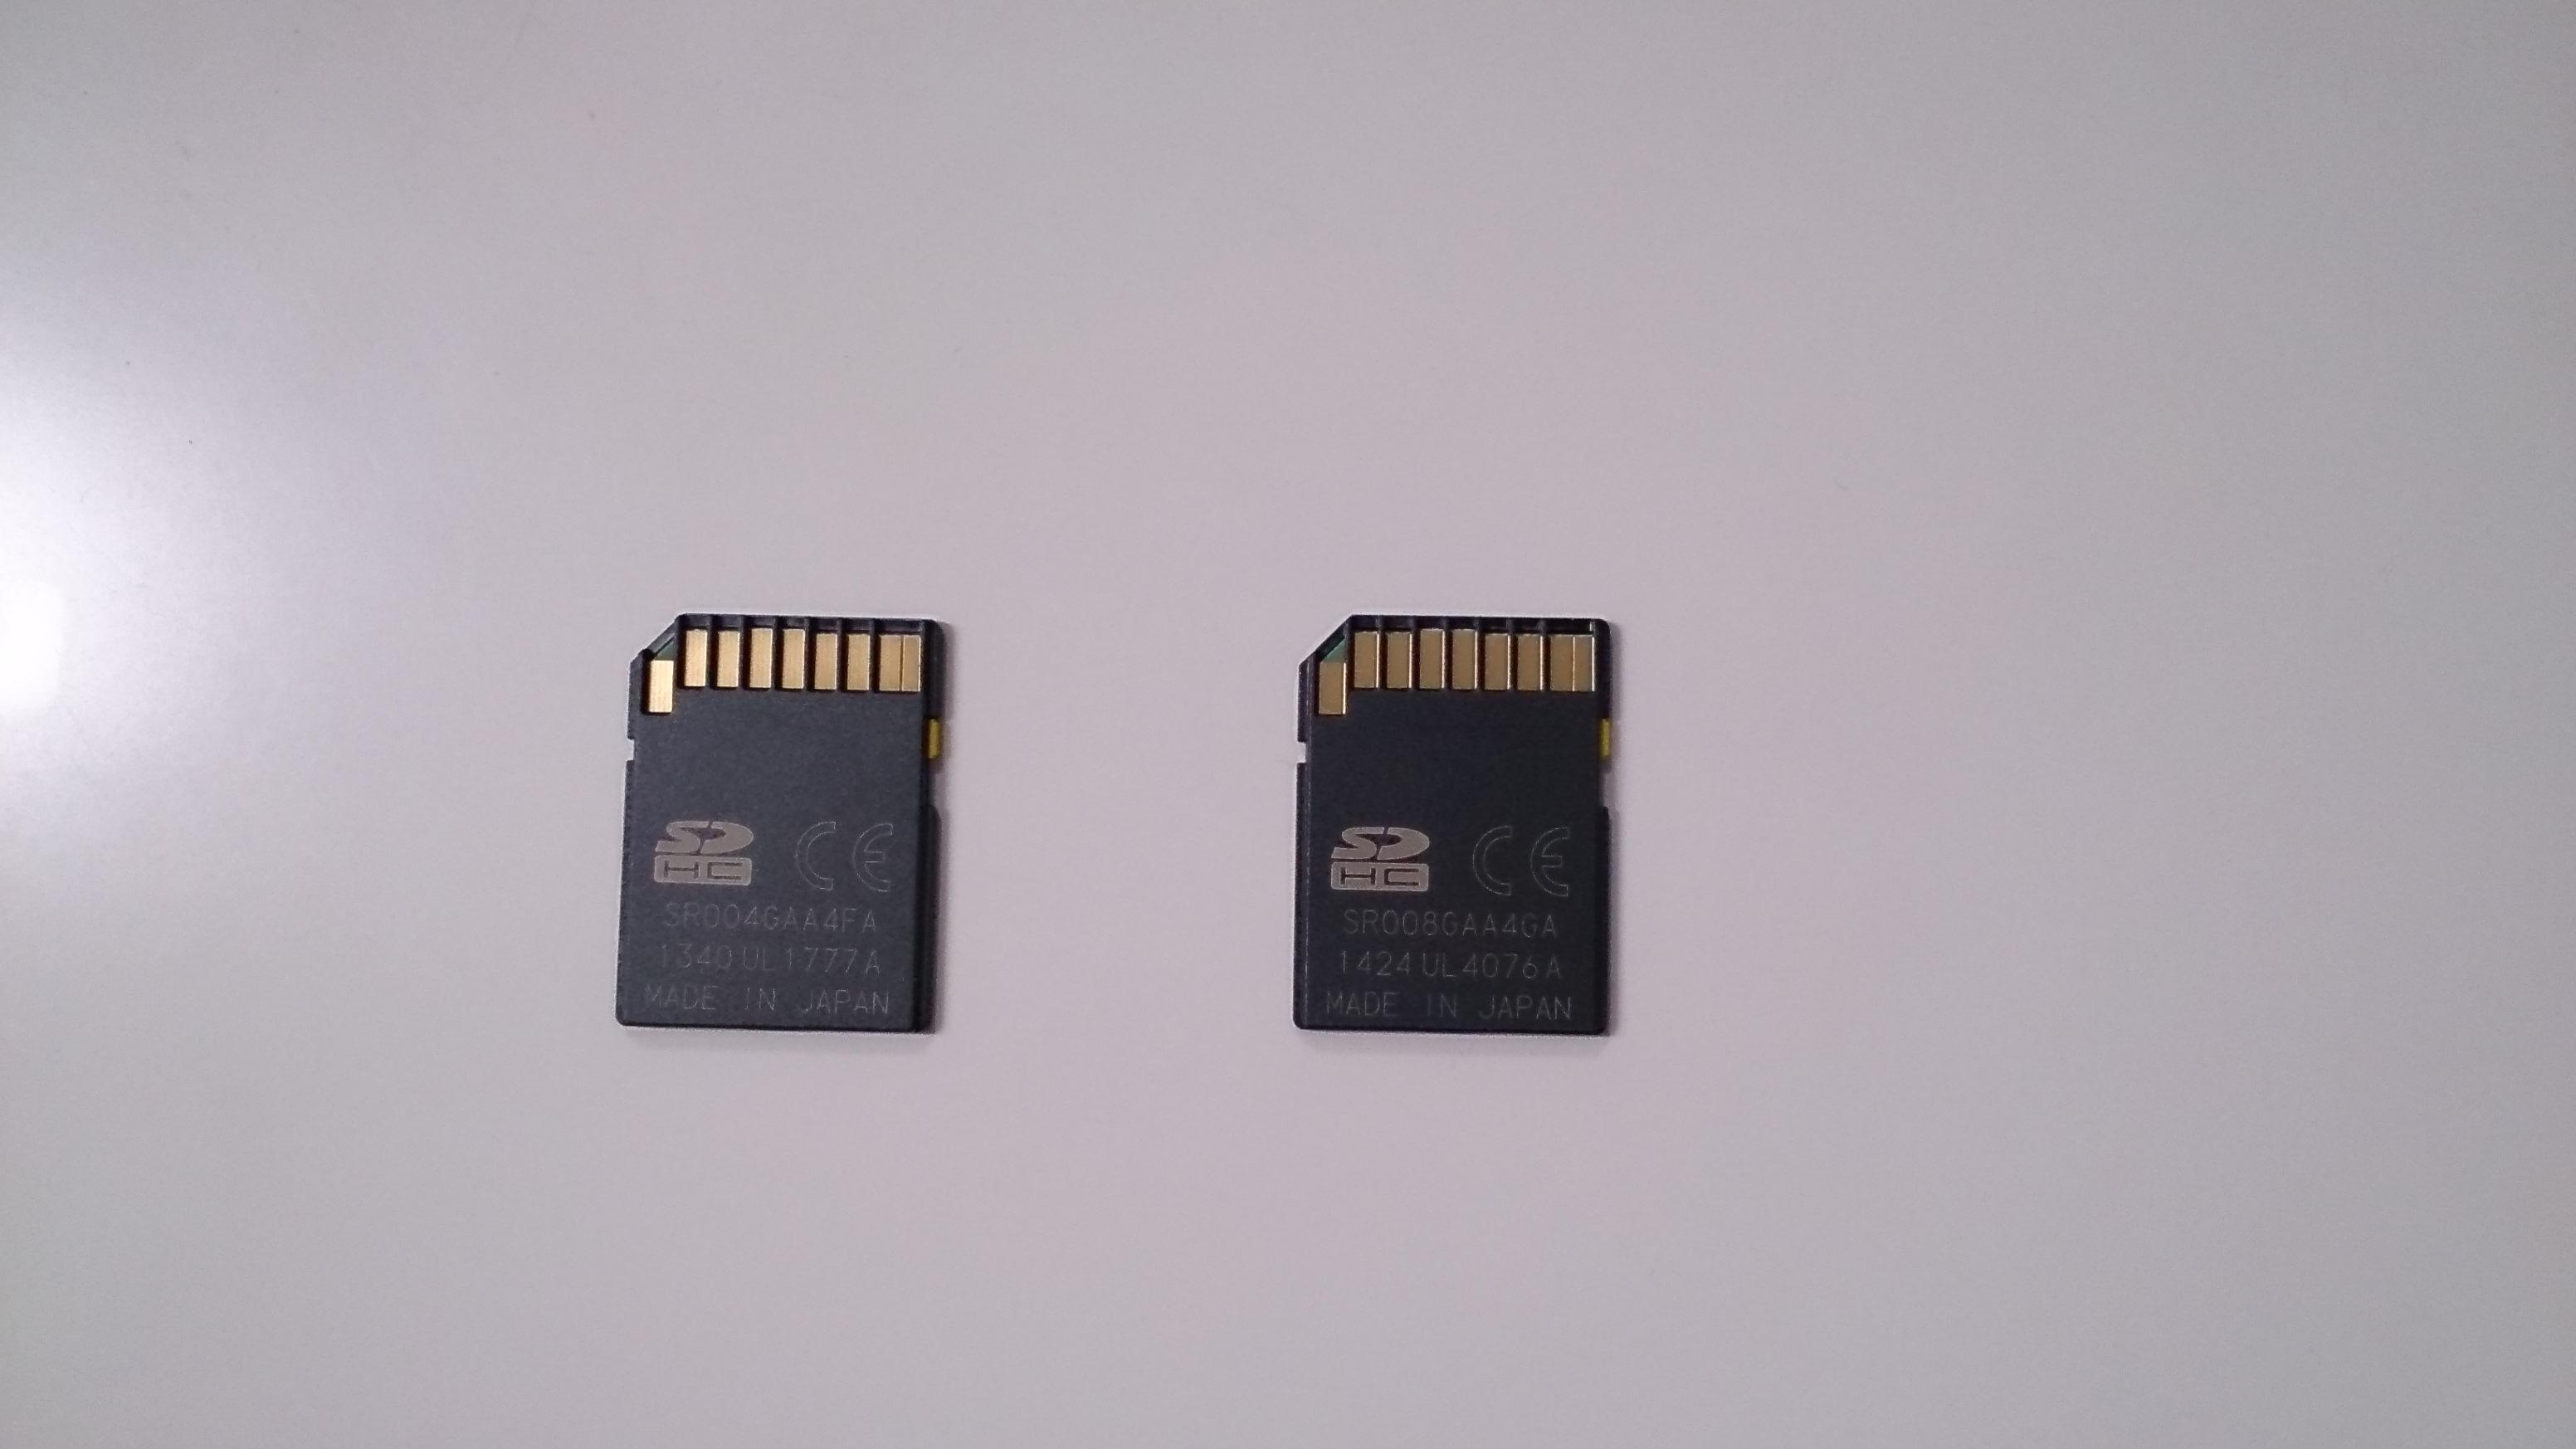 ドライブレコーダーなどに適したSDカード、それが産業用SDカード(2/2) その実体を解析した!貴重なMade in Japanだった